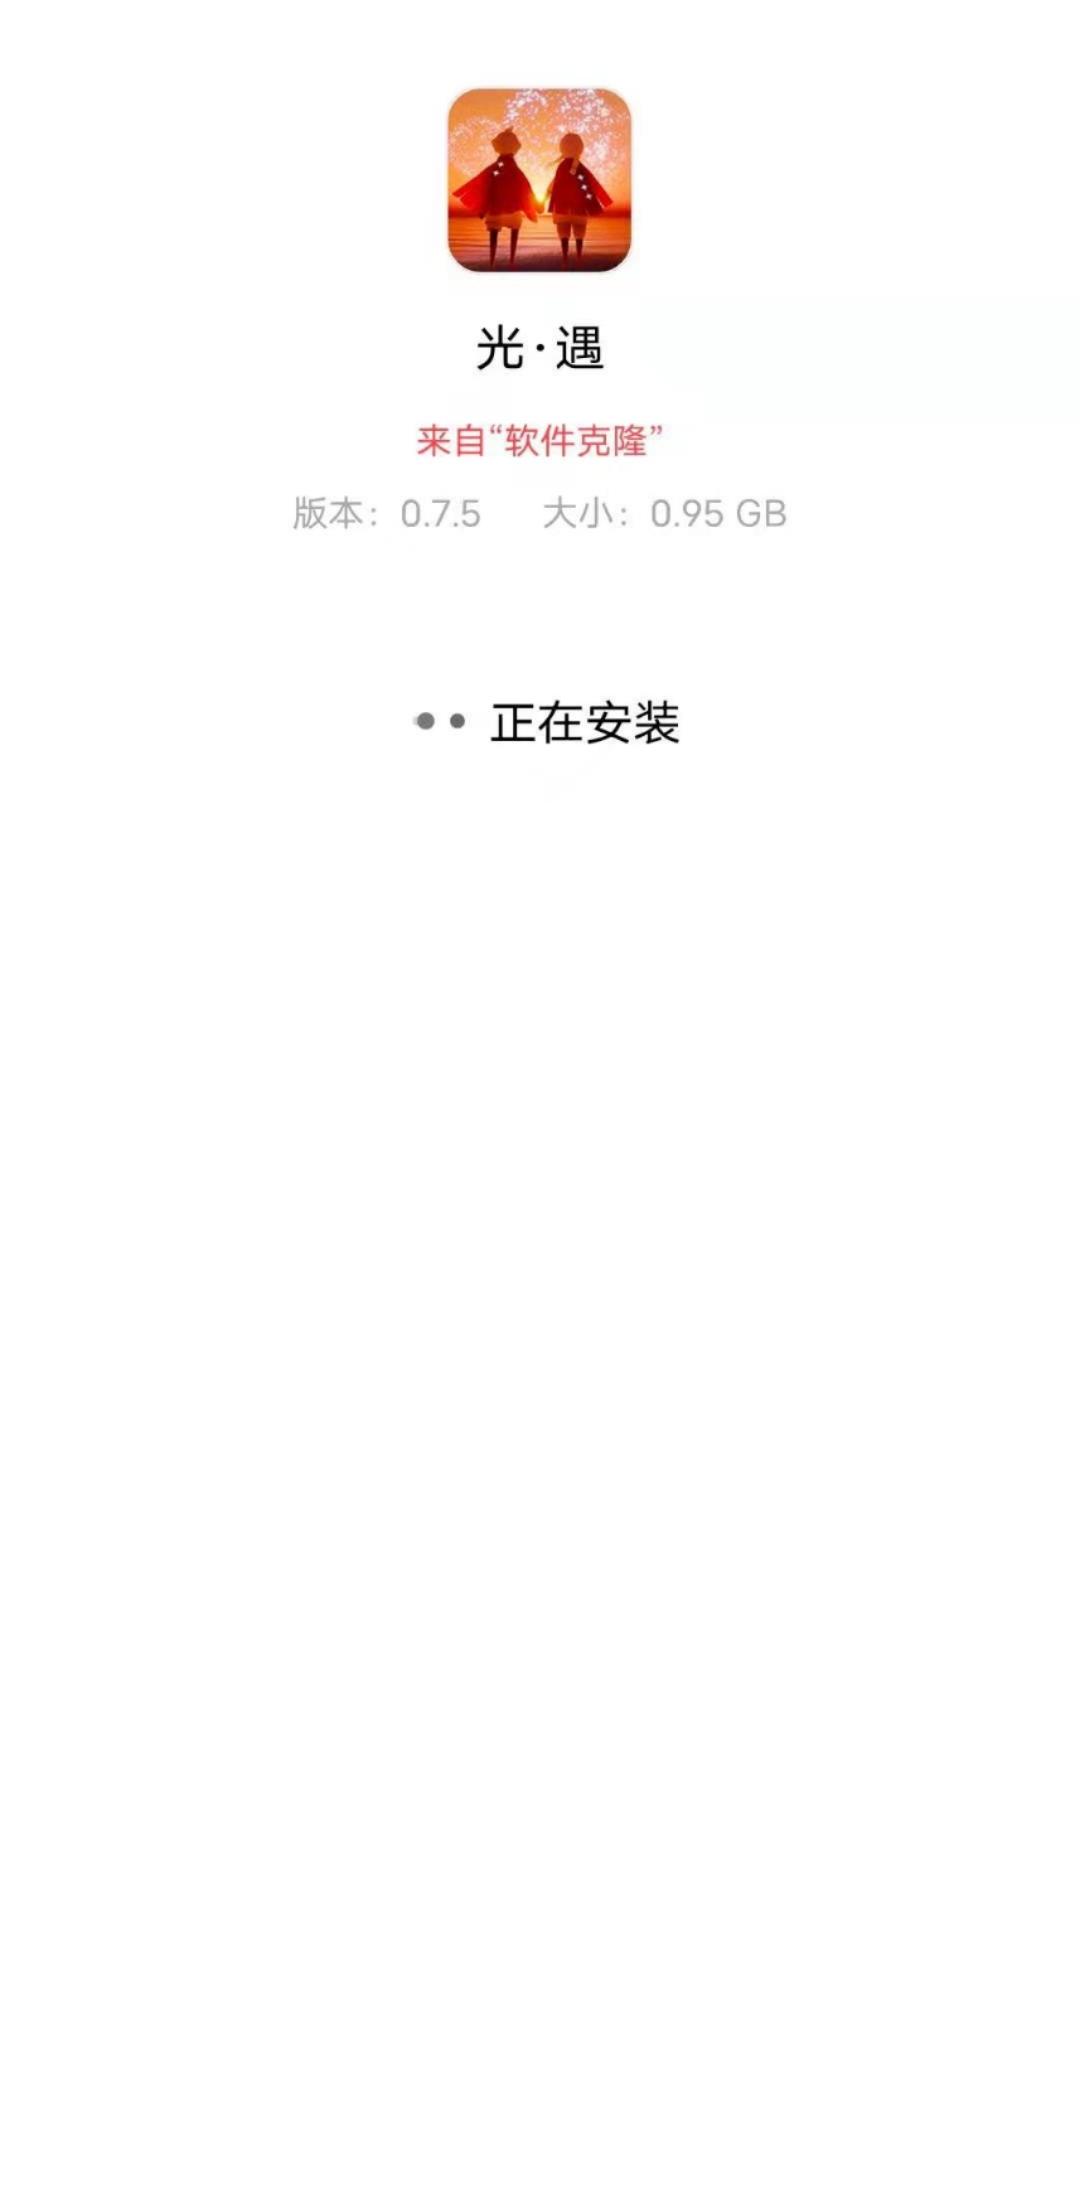 rBAAdmDni1OAGgL9AAE_EQwru1U757.jpg插图(2)